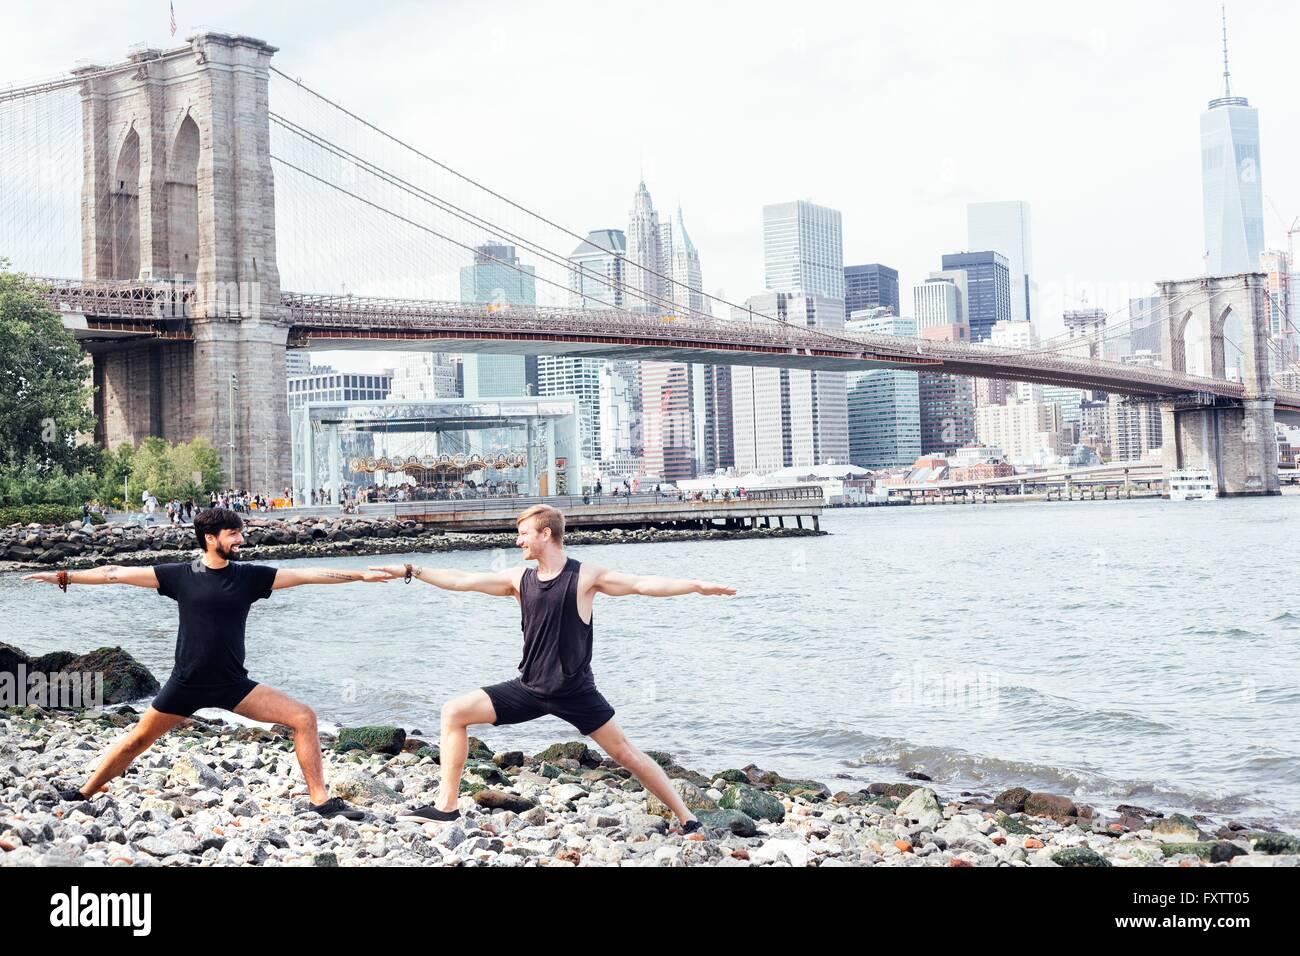 Dos hombres practicando yoga en Riverside delante del puente de Brooklyn, Nueva York, EE.UU. Imagen De Stock